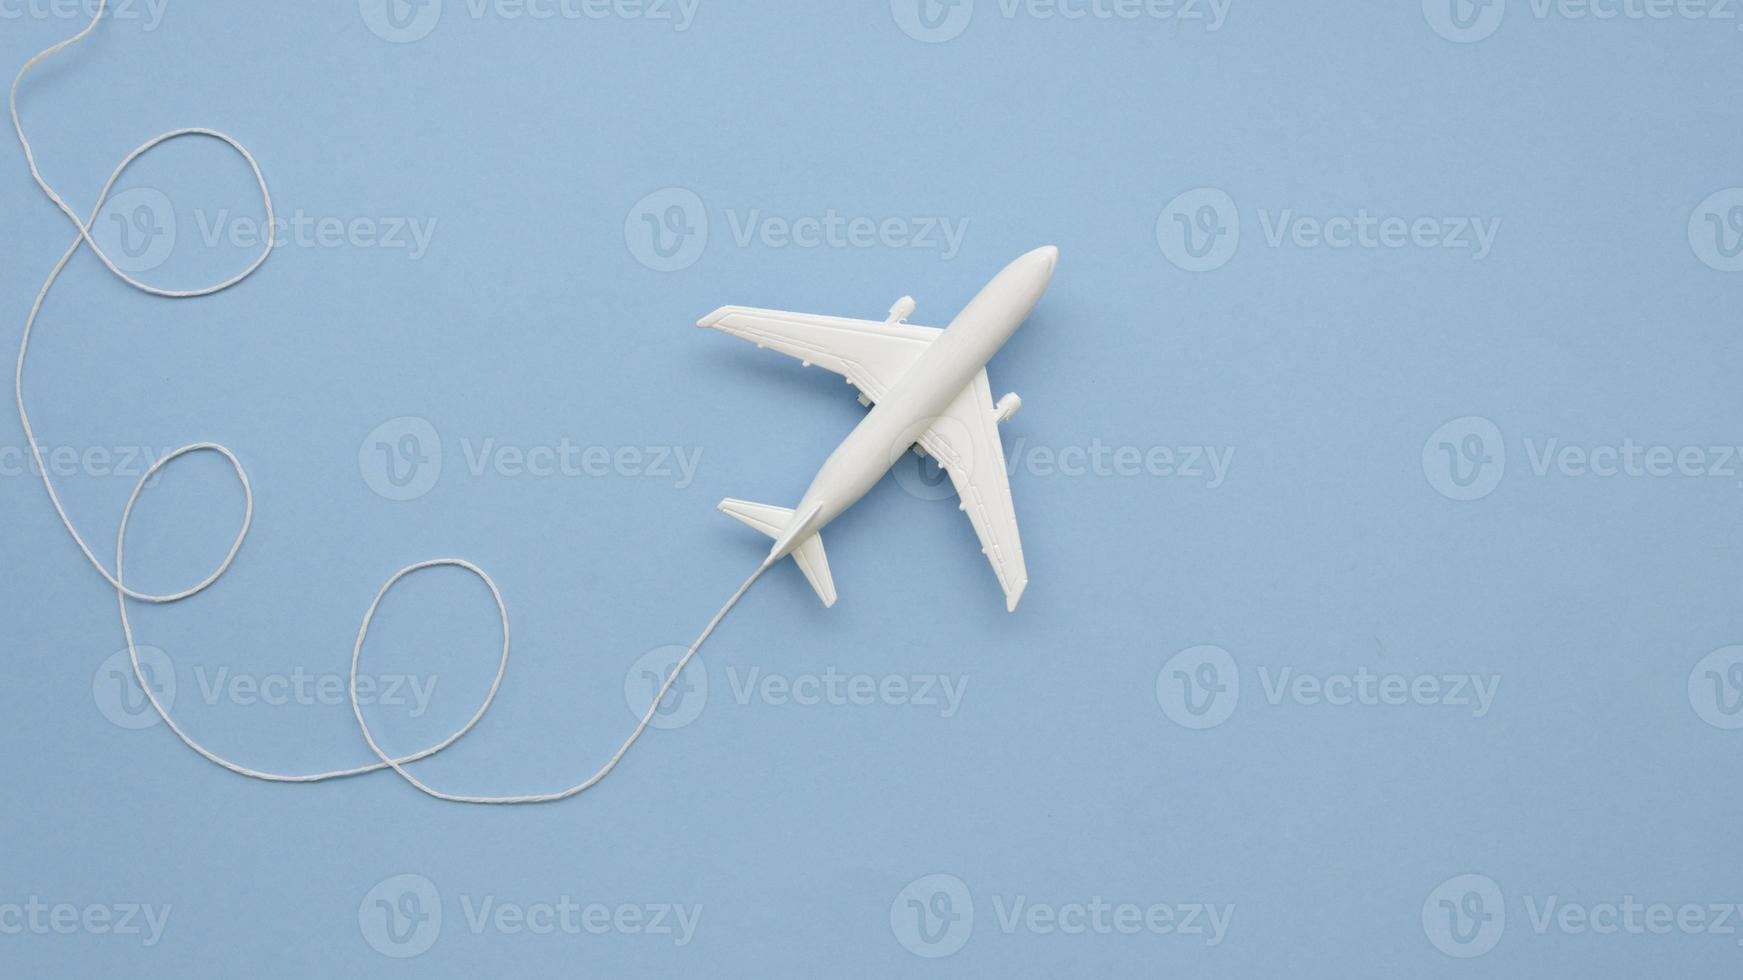 Kopieren Sie Raumflugzeug Spielzeug auf blauen Tisch foto